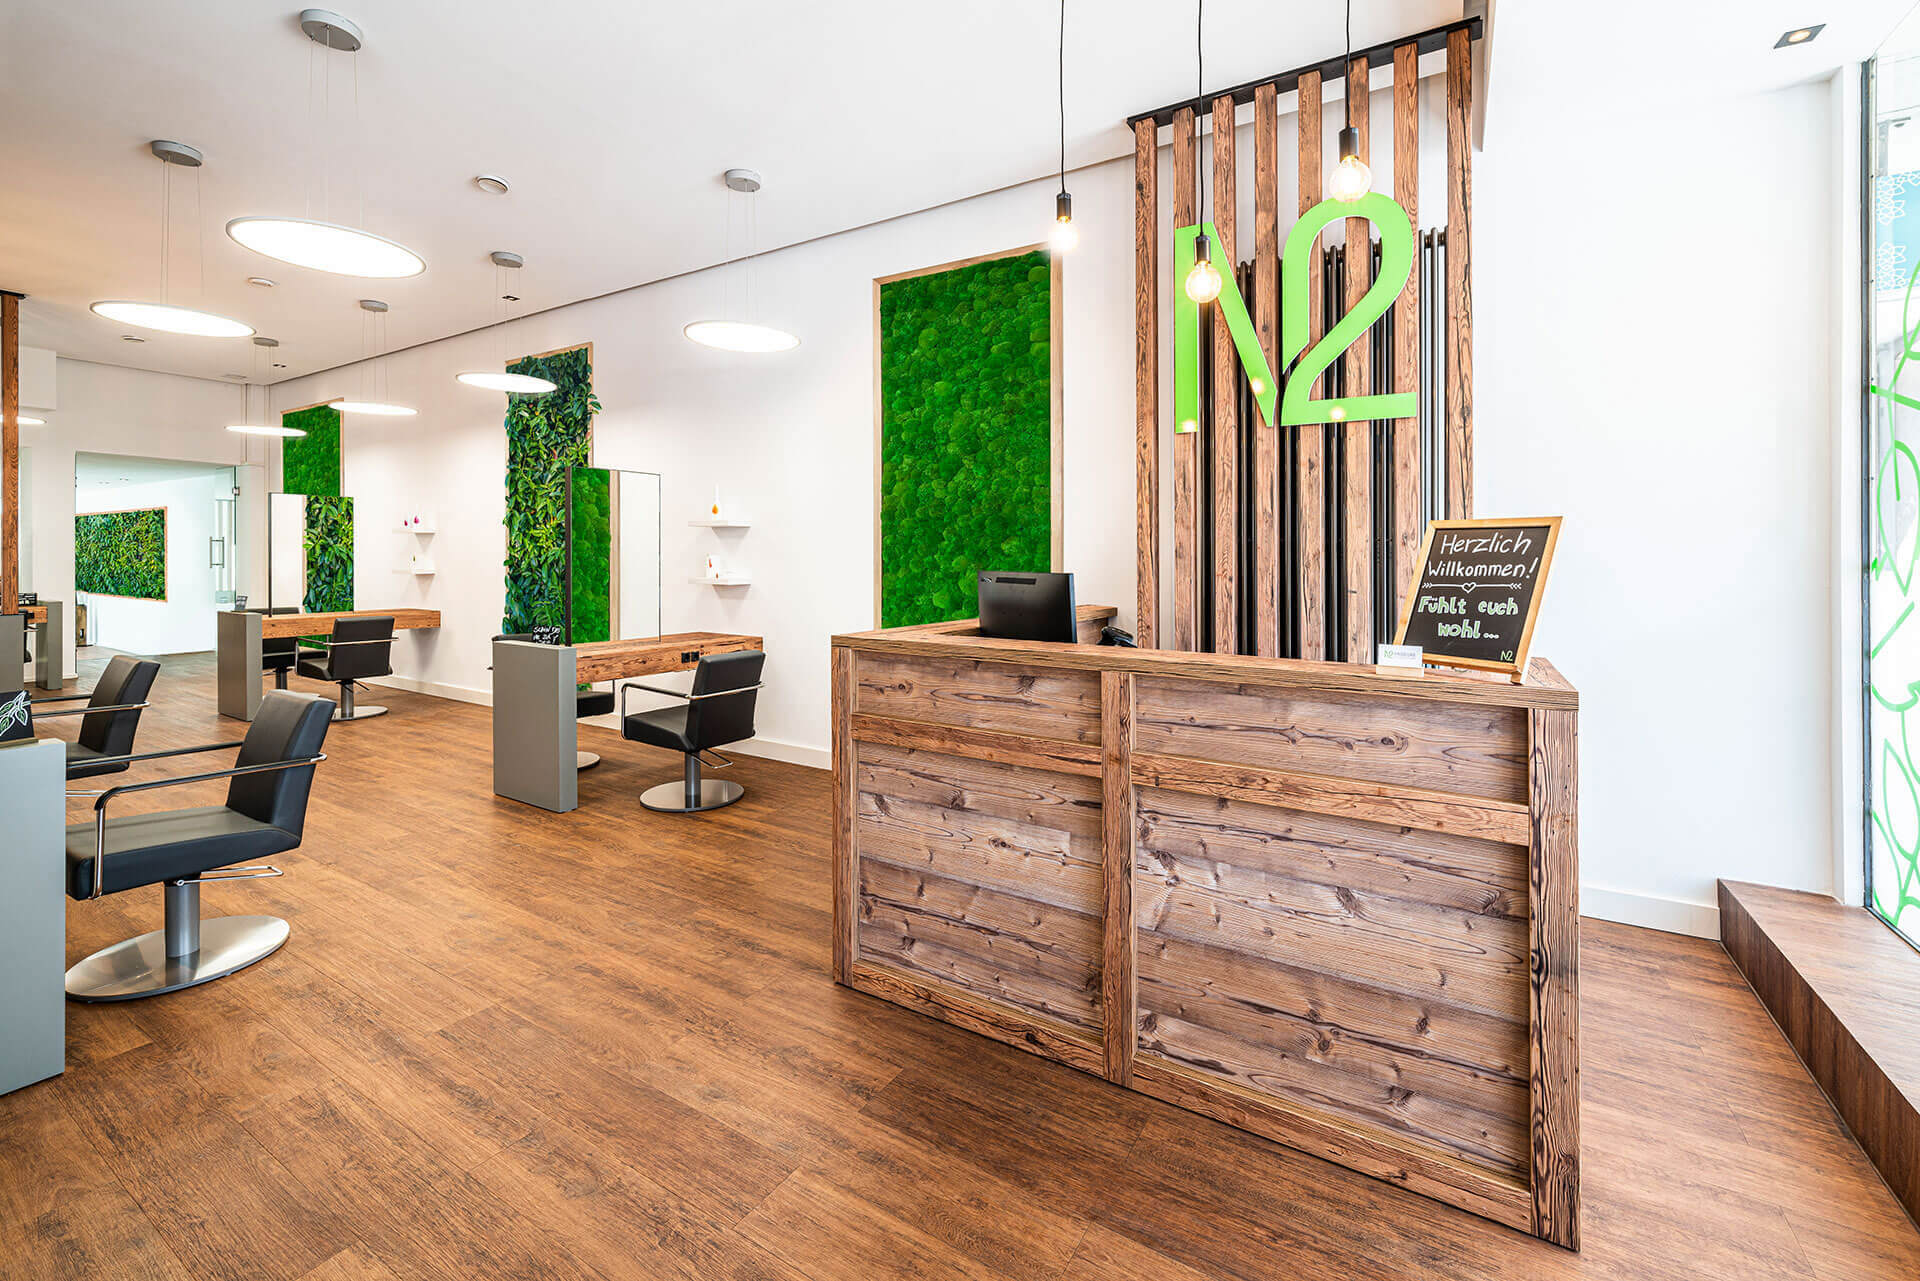 Friseureinrichtung aus Holz Natur Salon mit Friseurstuhl, Bedienungsplätzen, Rezeption und Wanddekoration